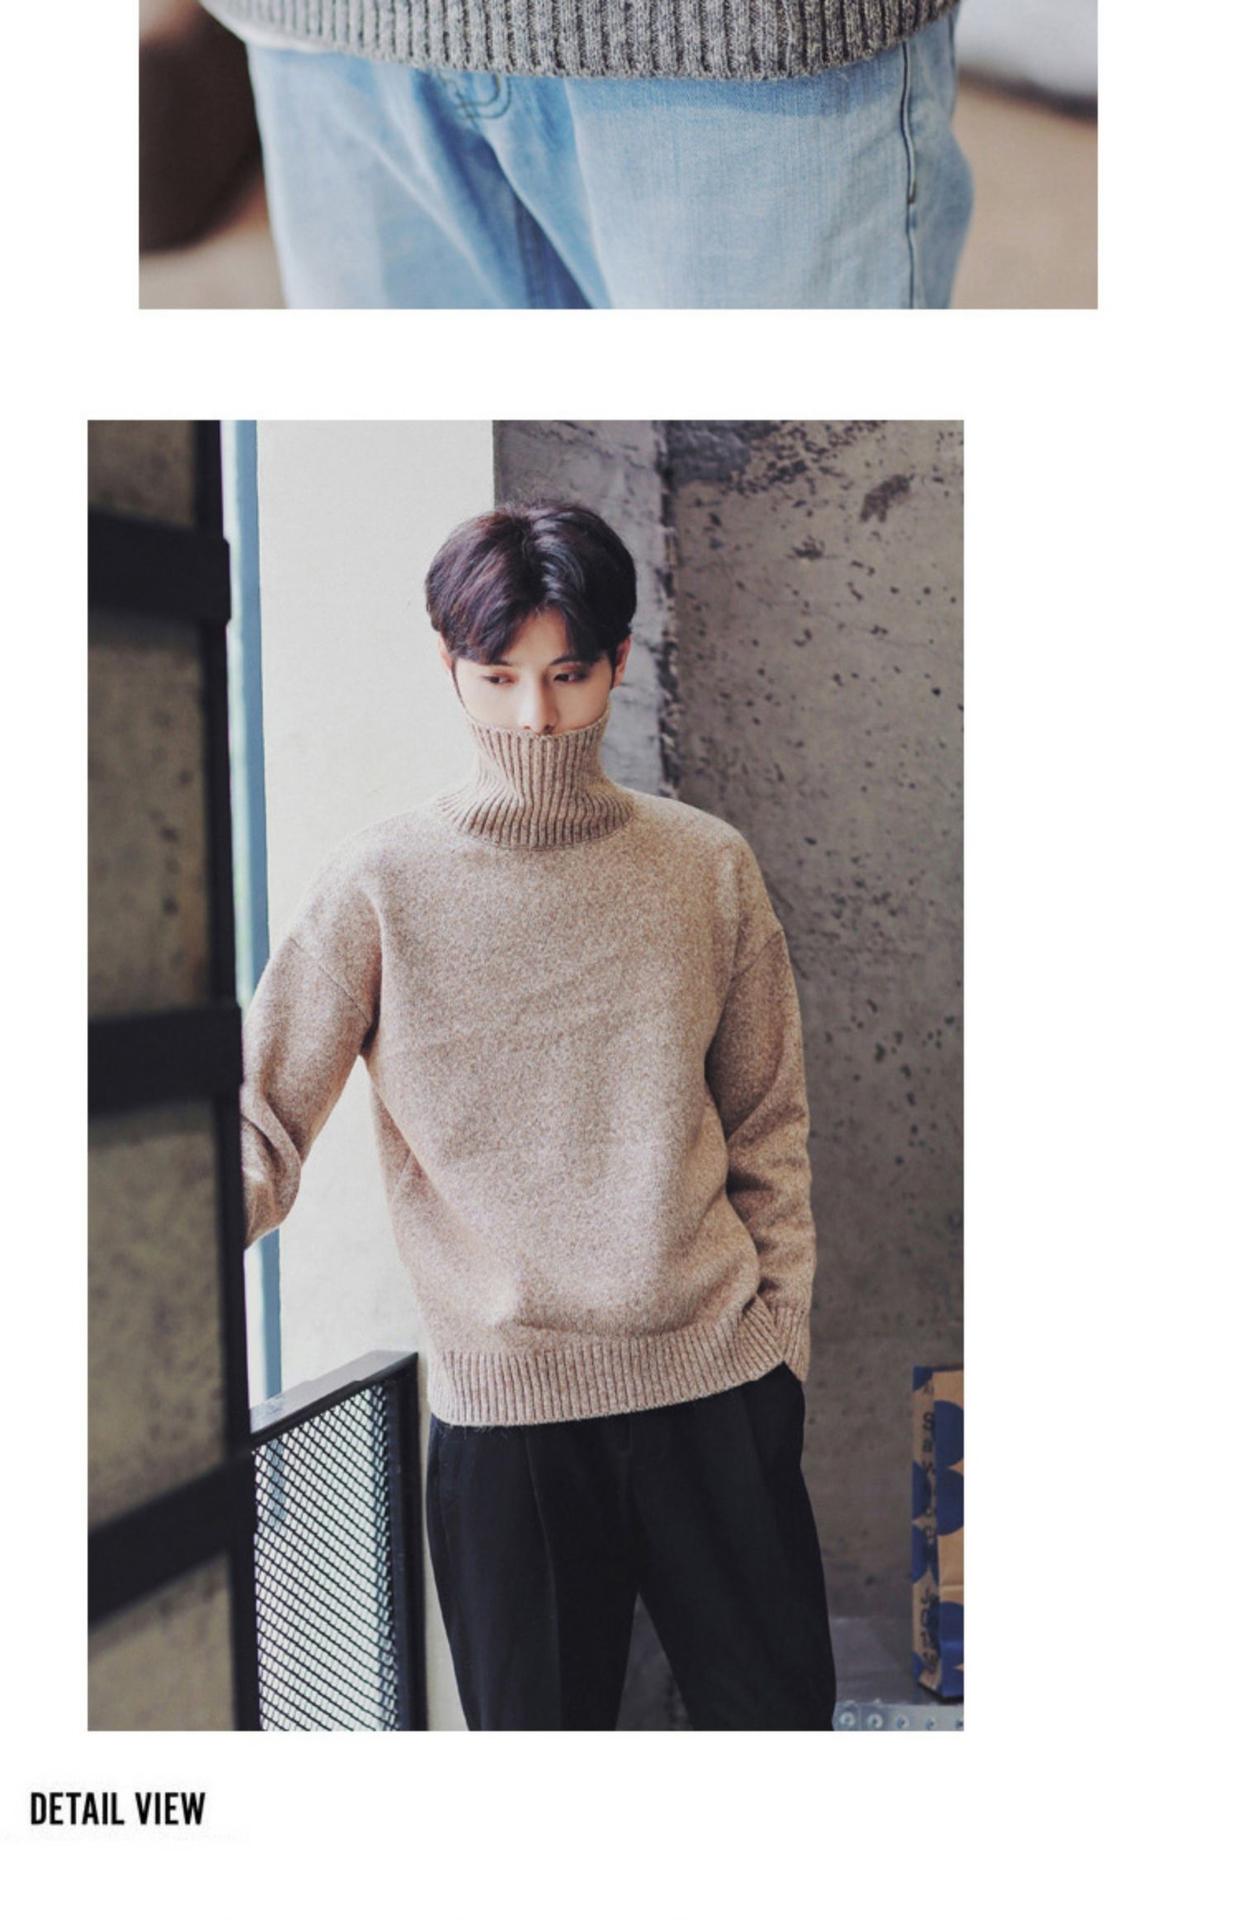 Áo len nam mùa đông dành cho nam Xu hướng Hàn Quốc Cộng với áo len cổ lọ dành cho tuổi teen - Cardigan